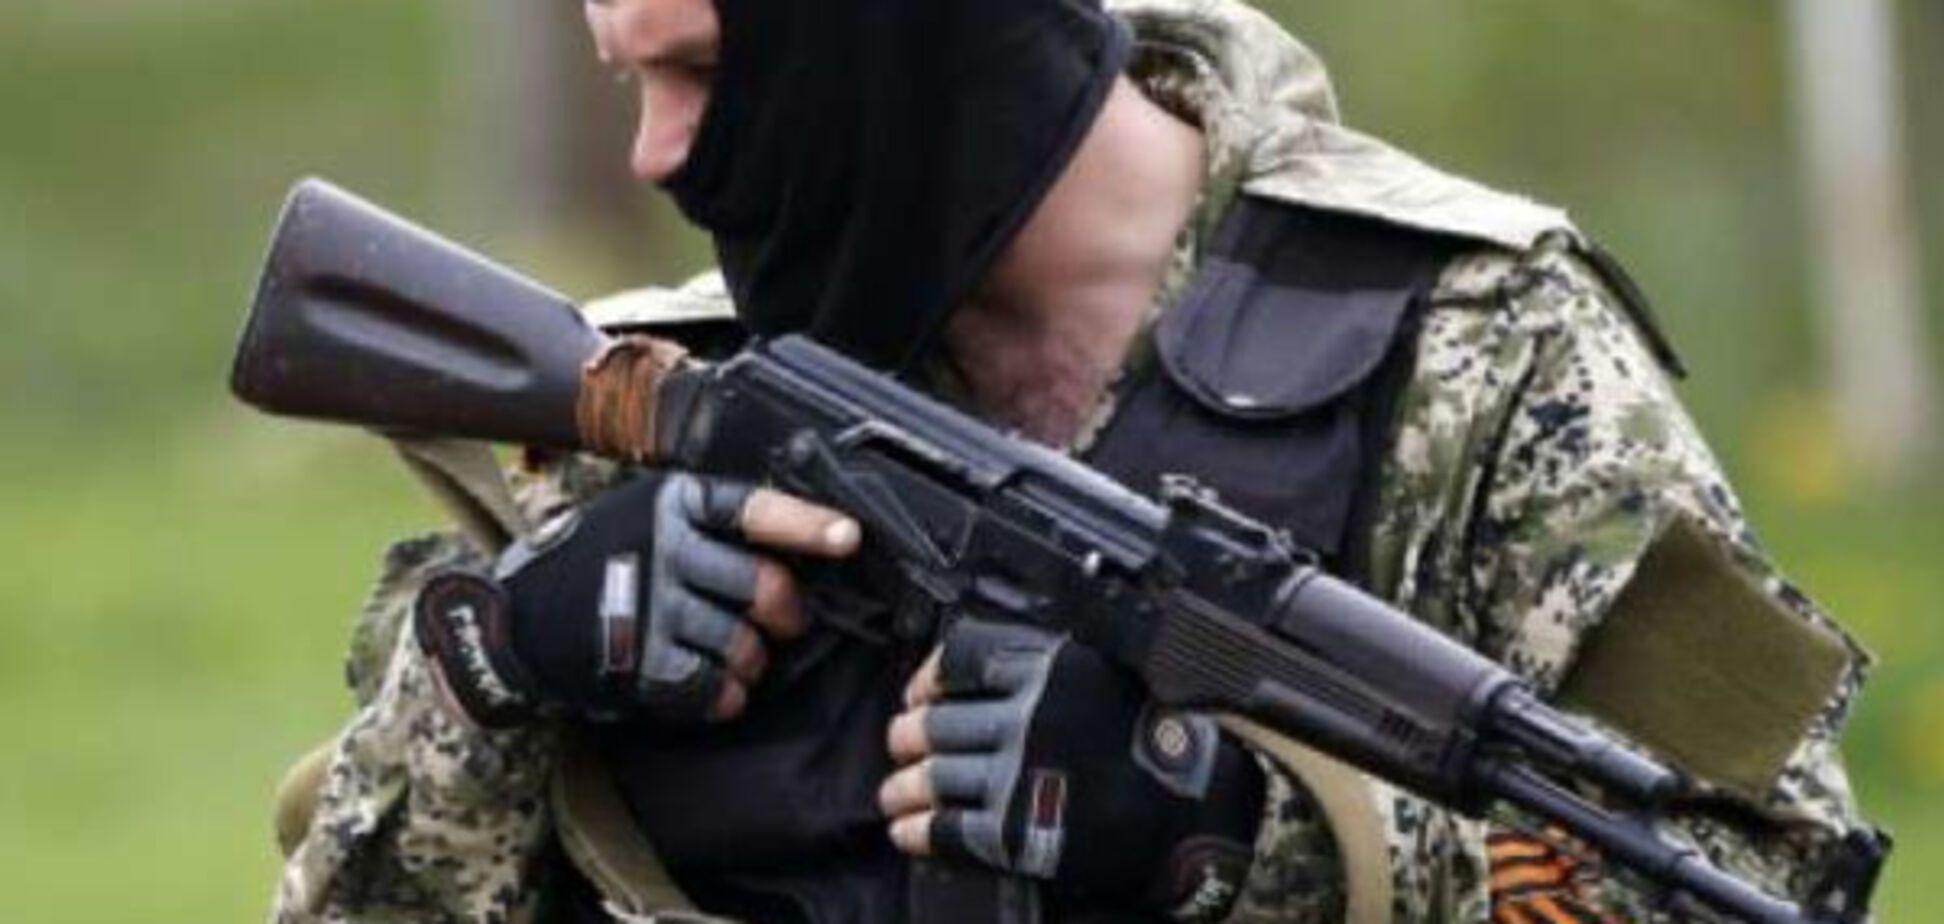 Суд объявил приговор боевику, устроившему теракт у блокпоста сил АТО в Мариуполе